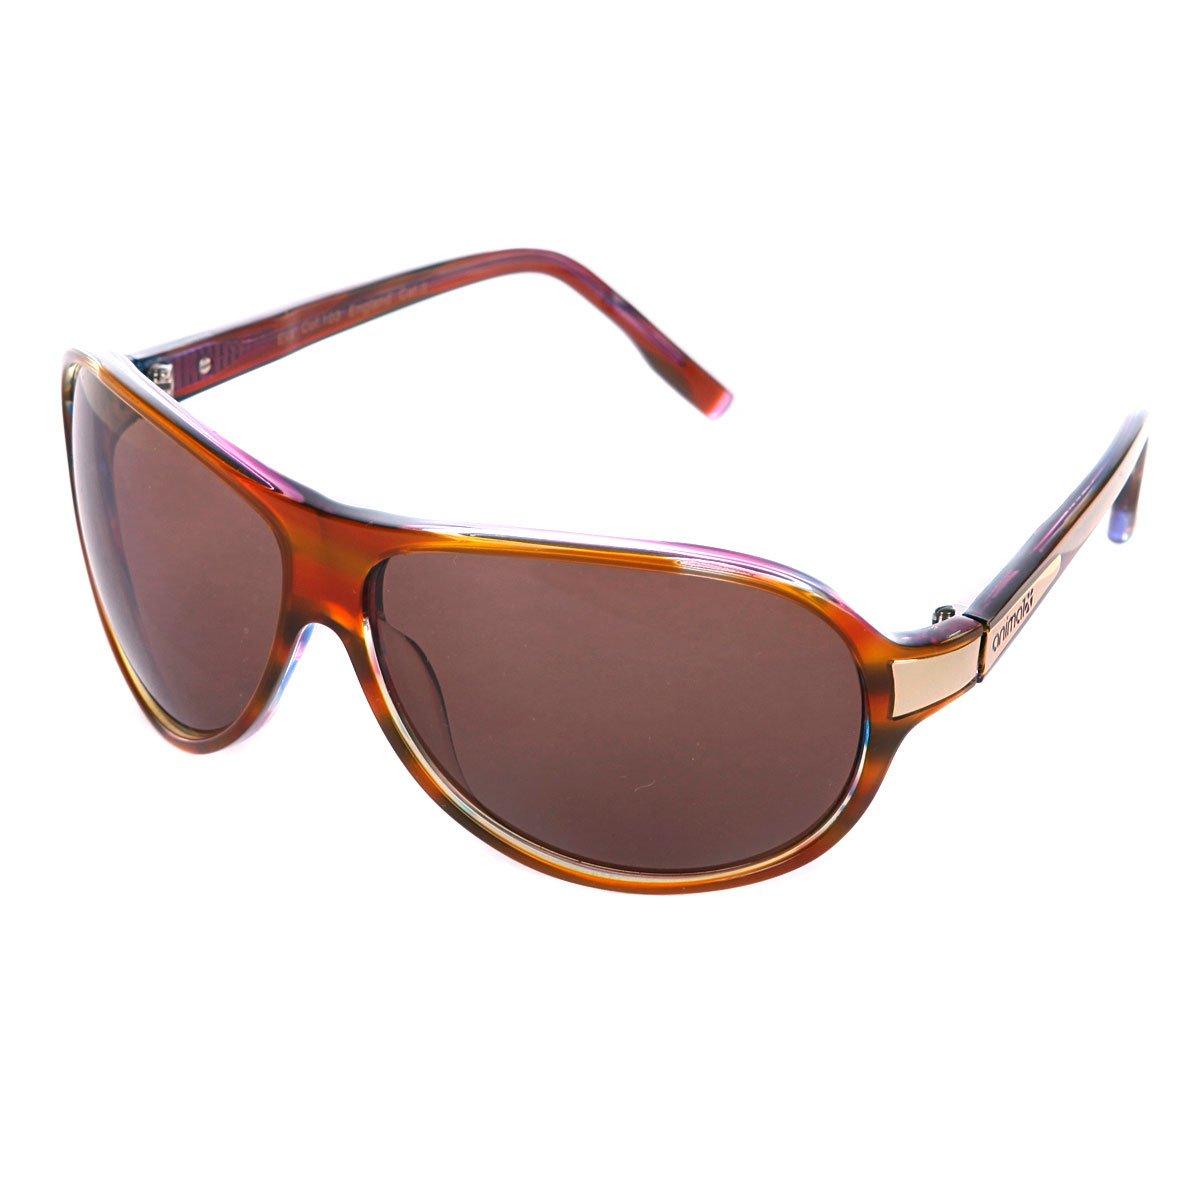 Фото с короткой стрижкой в солнцезащитных очках